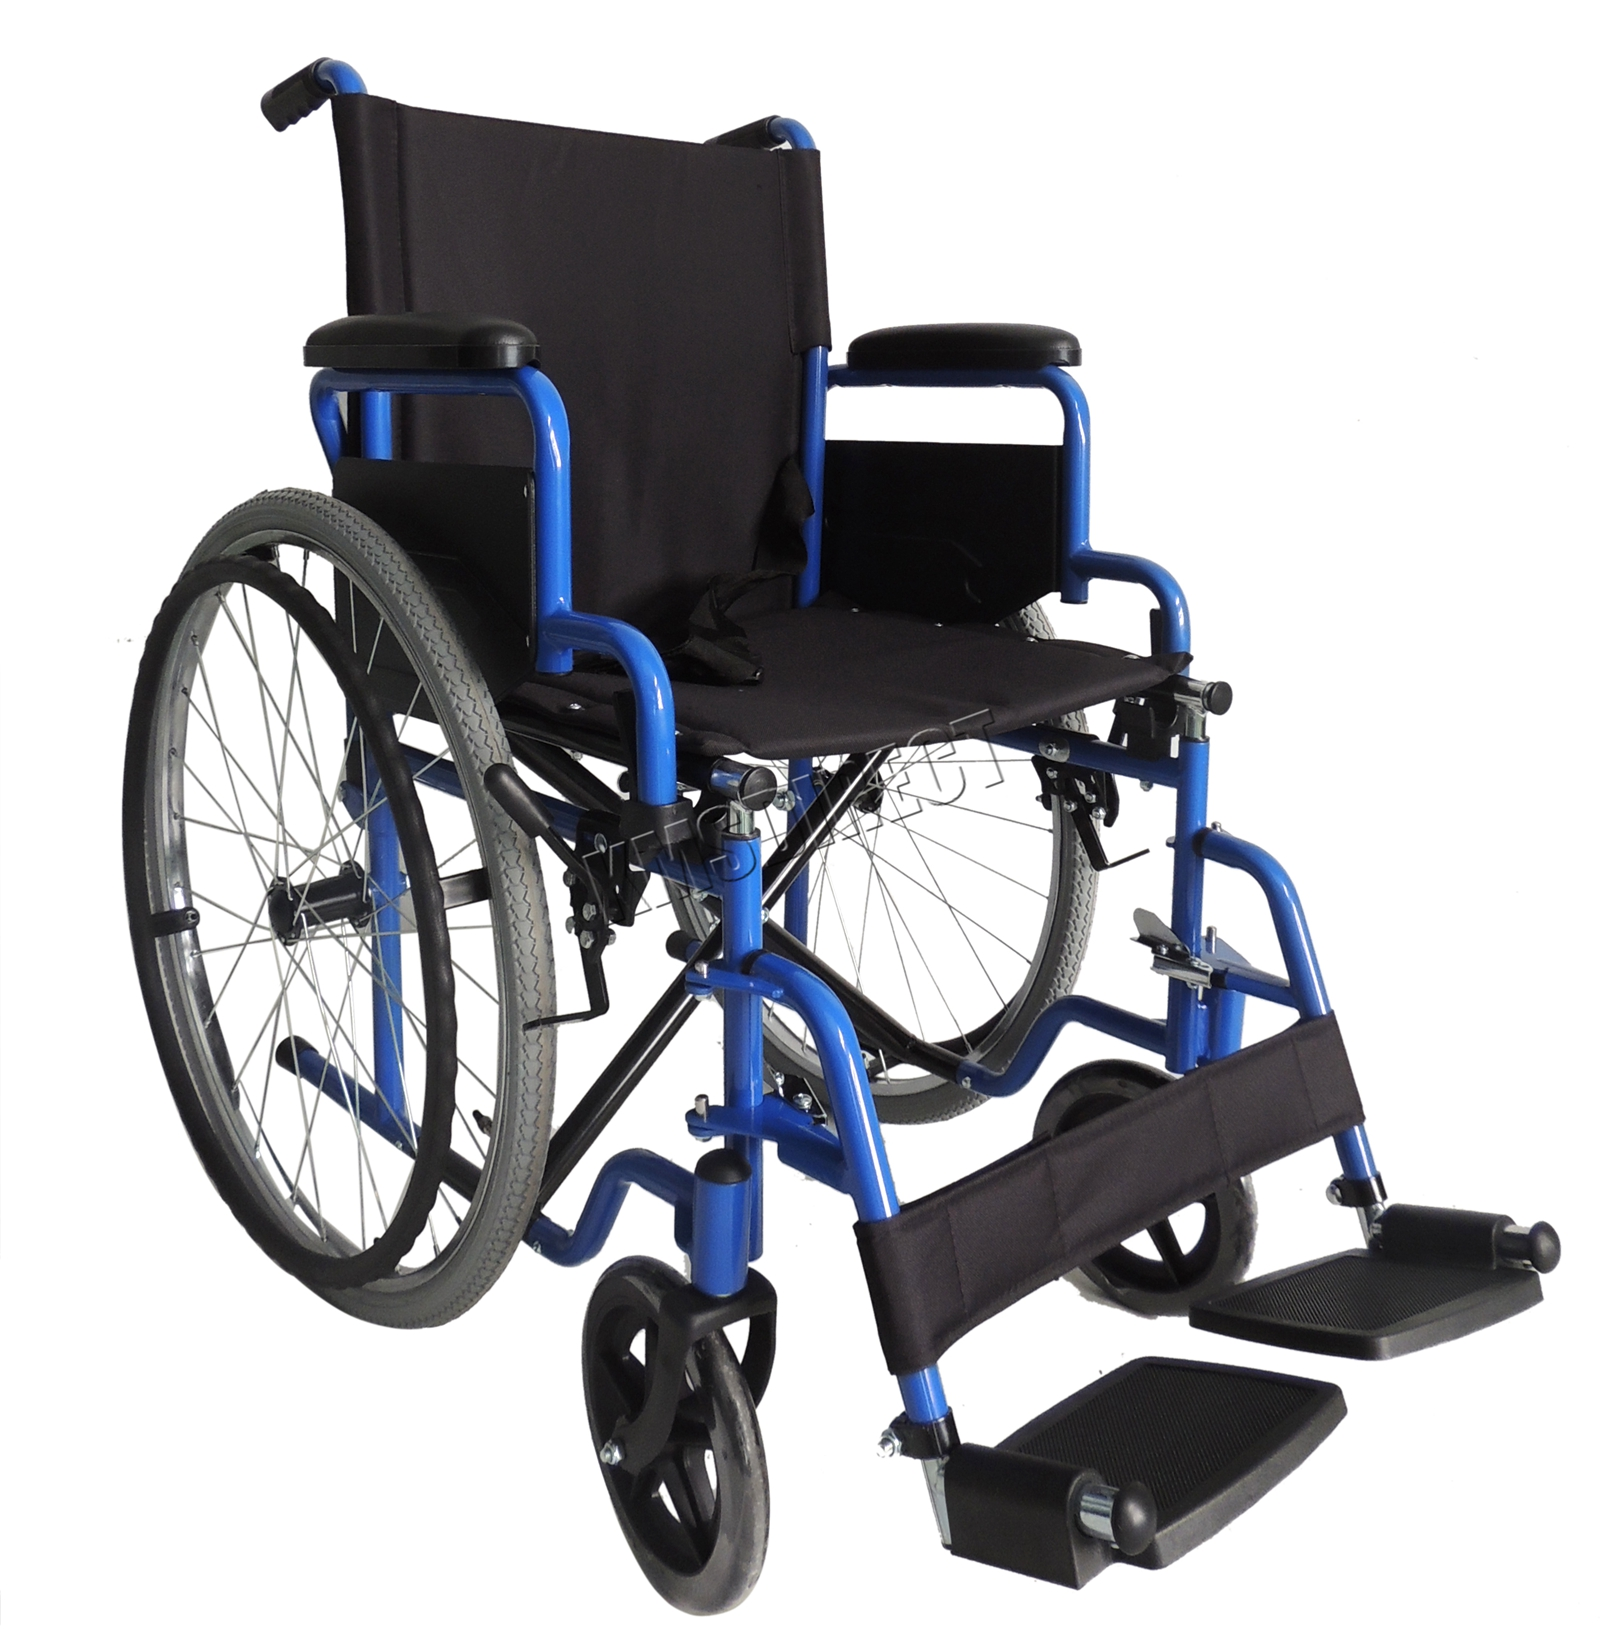 foxhunter automoteur pliant l 233 ger fauteuil roulant de transfert accoudoir bleu ebay